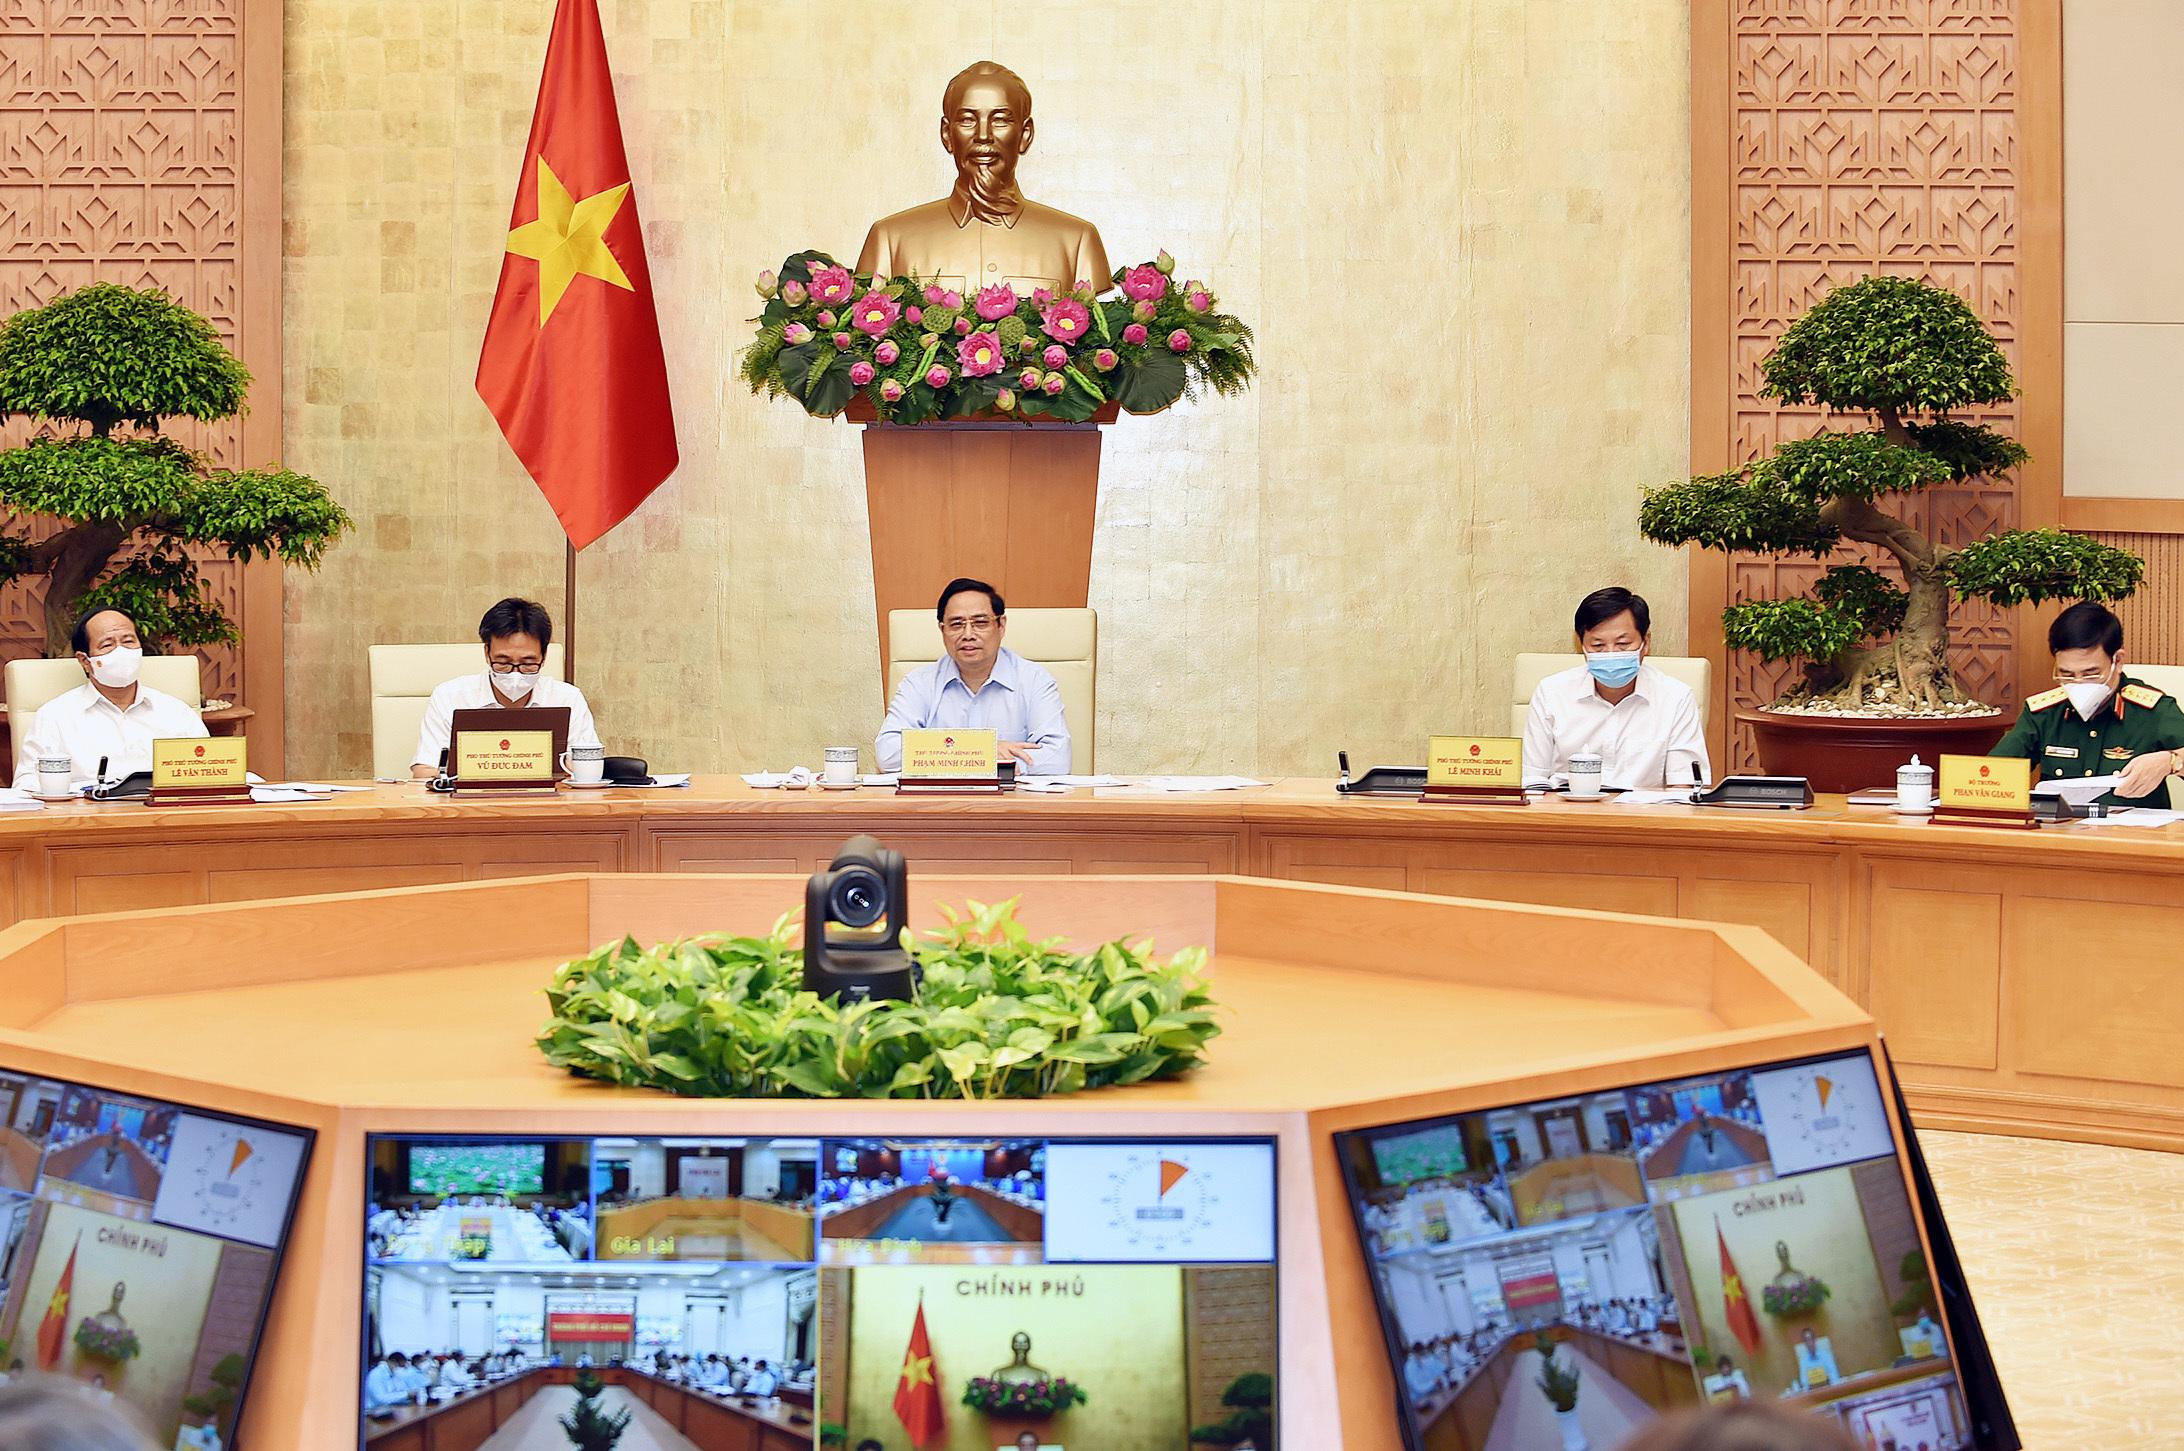 Thủ tướng kêu gọi ưu tiên vắc xin cho TP.HCM, Hà Nội và các tỉnh có KCN